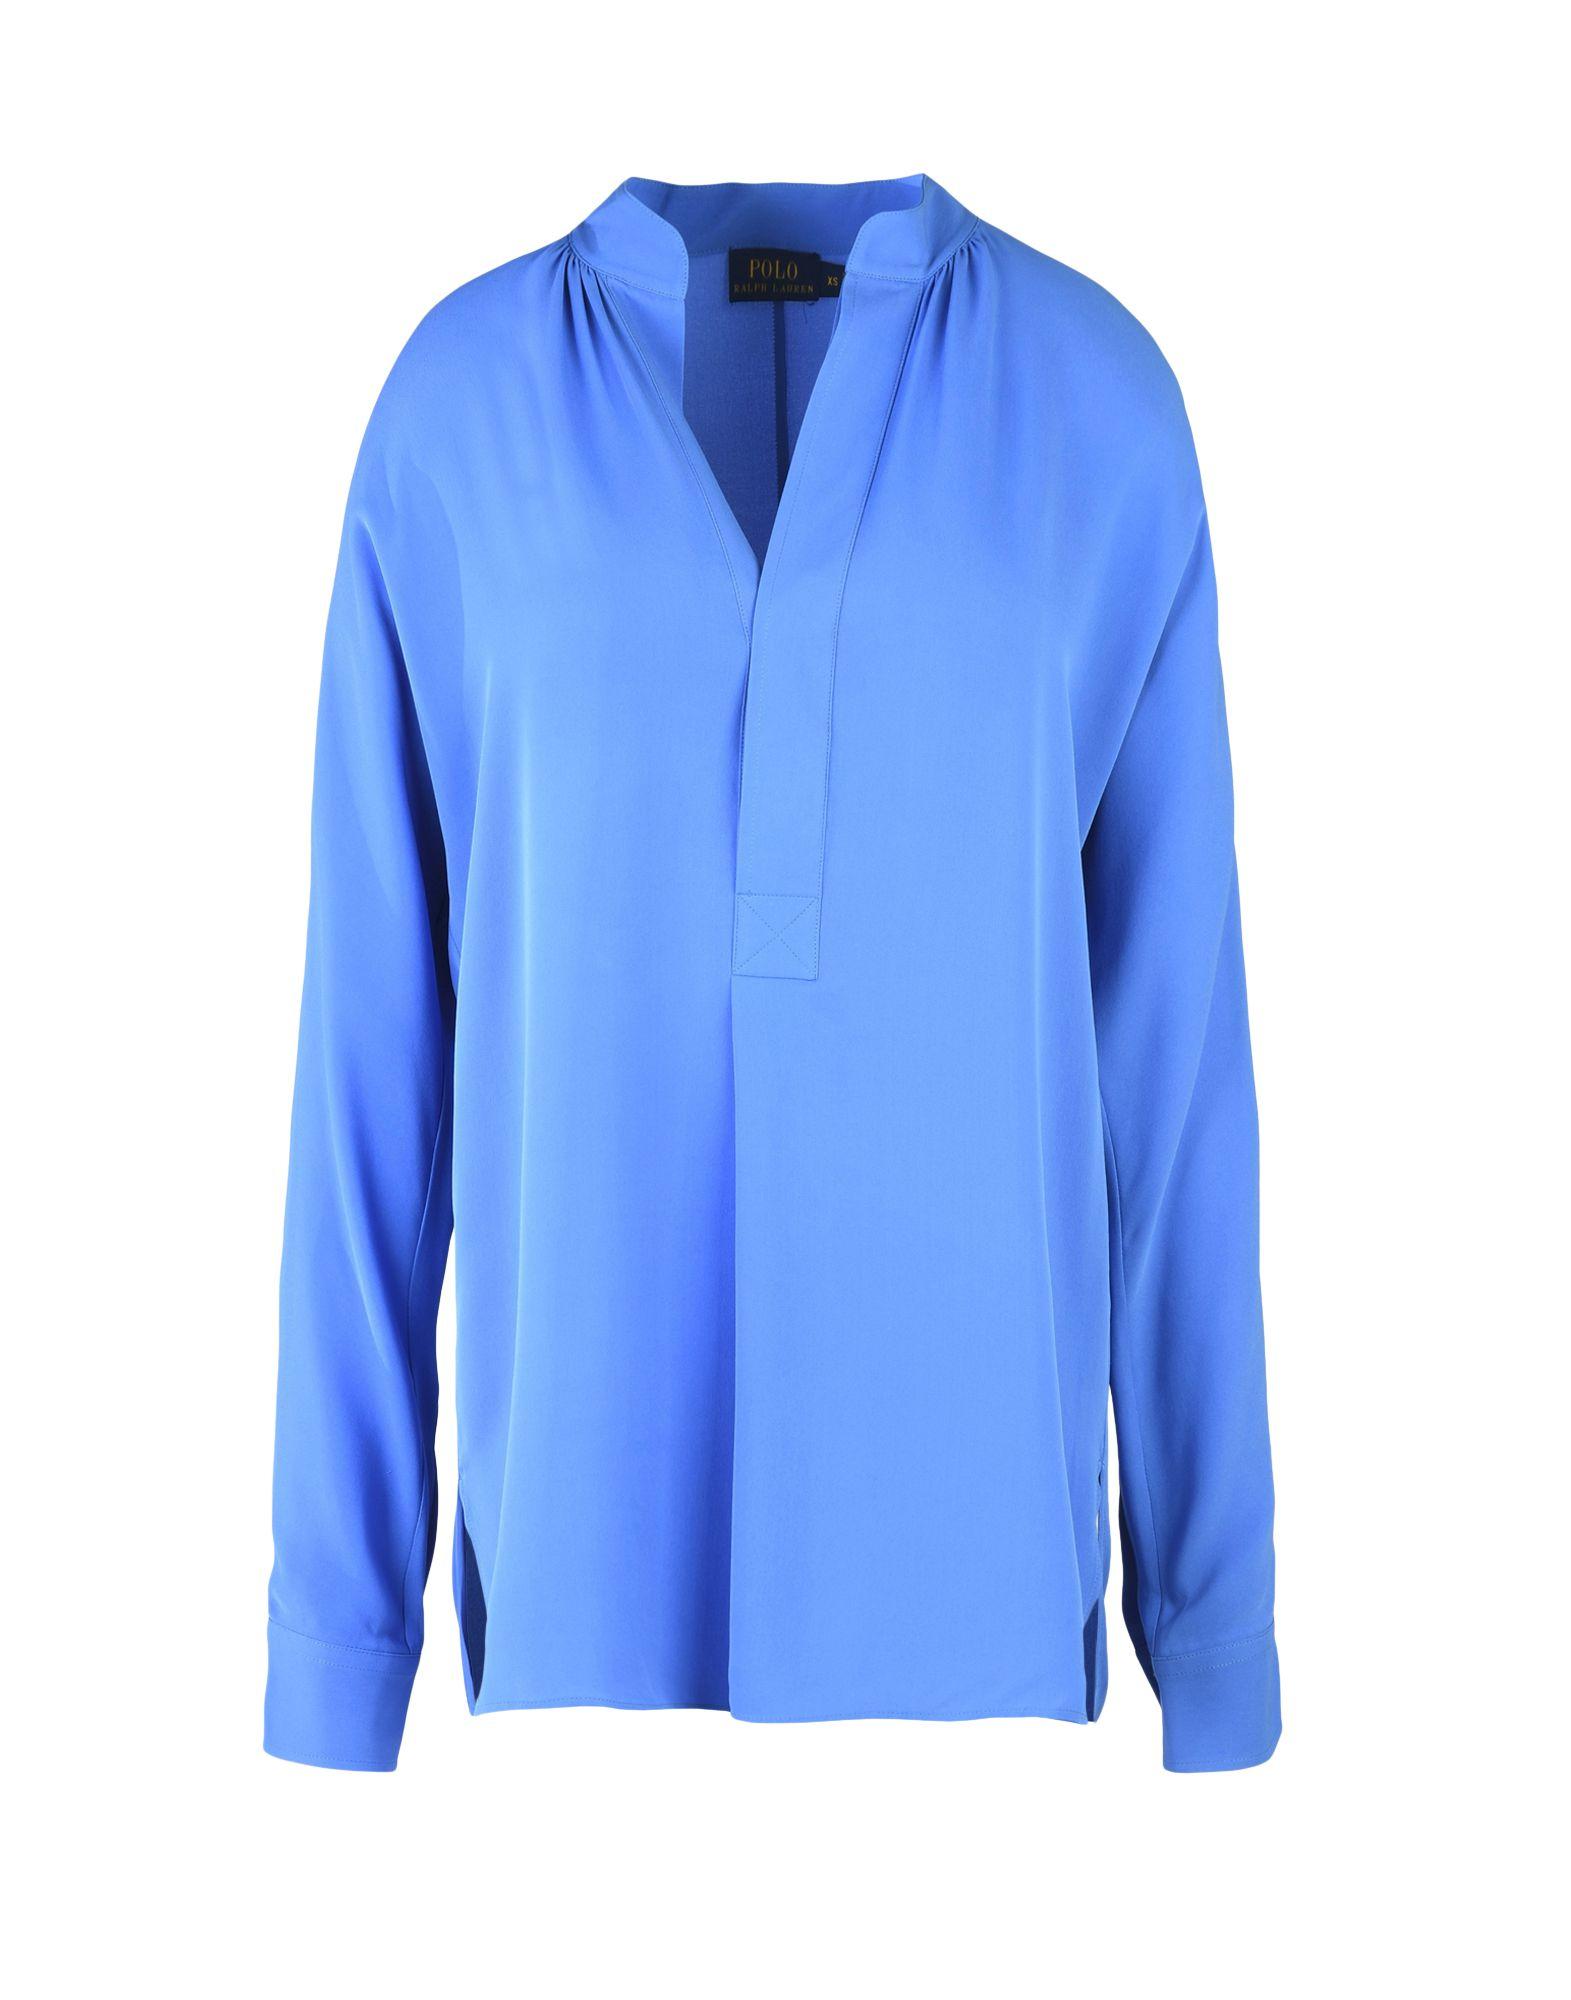 blusa Polo Ralph Lauren donna - 38616601ED 38616601ED 38616601ED 08b